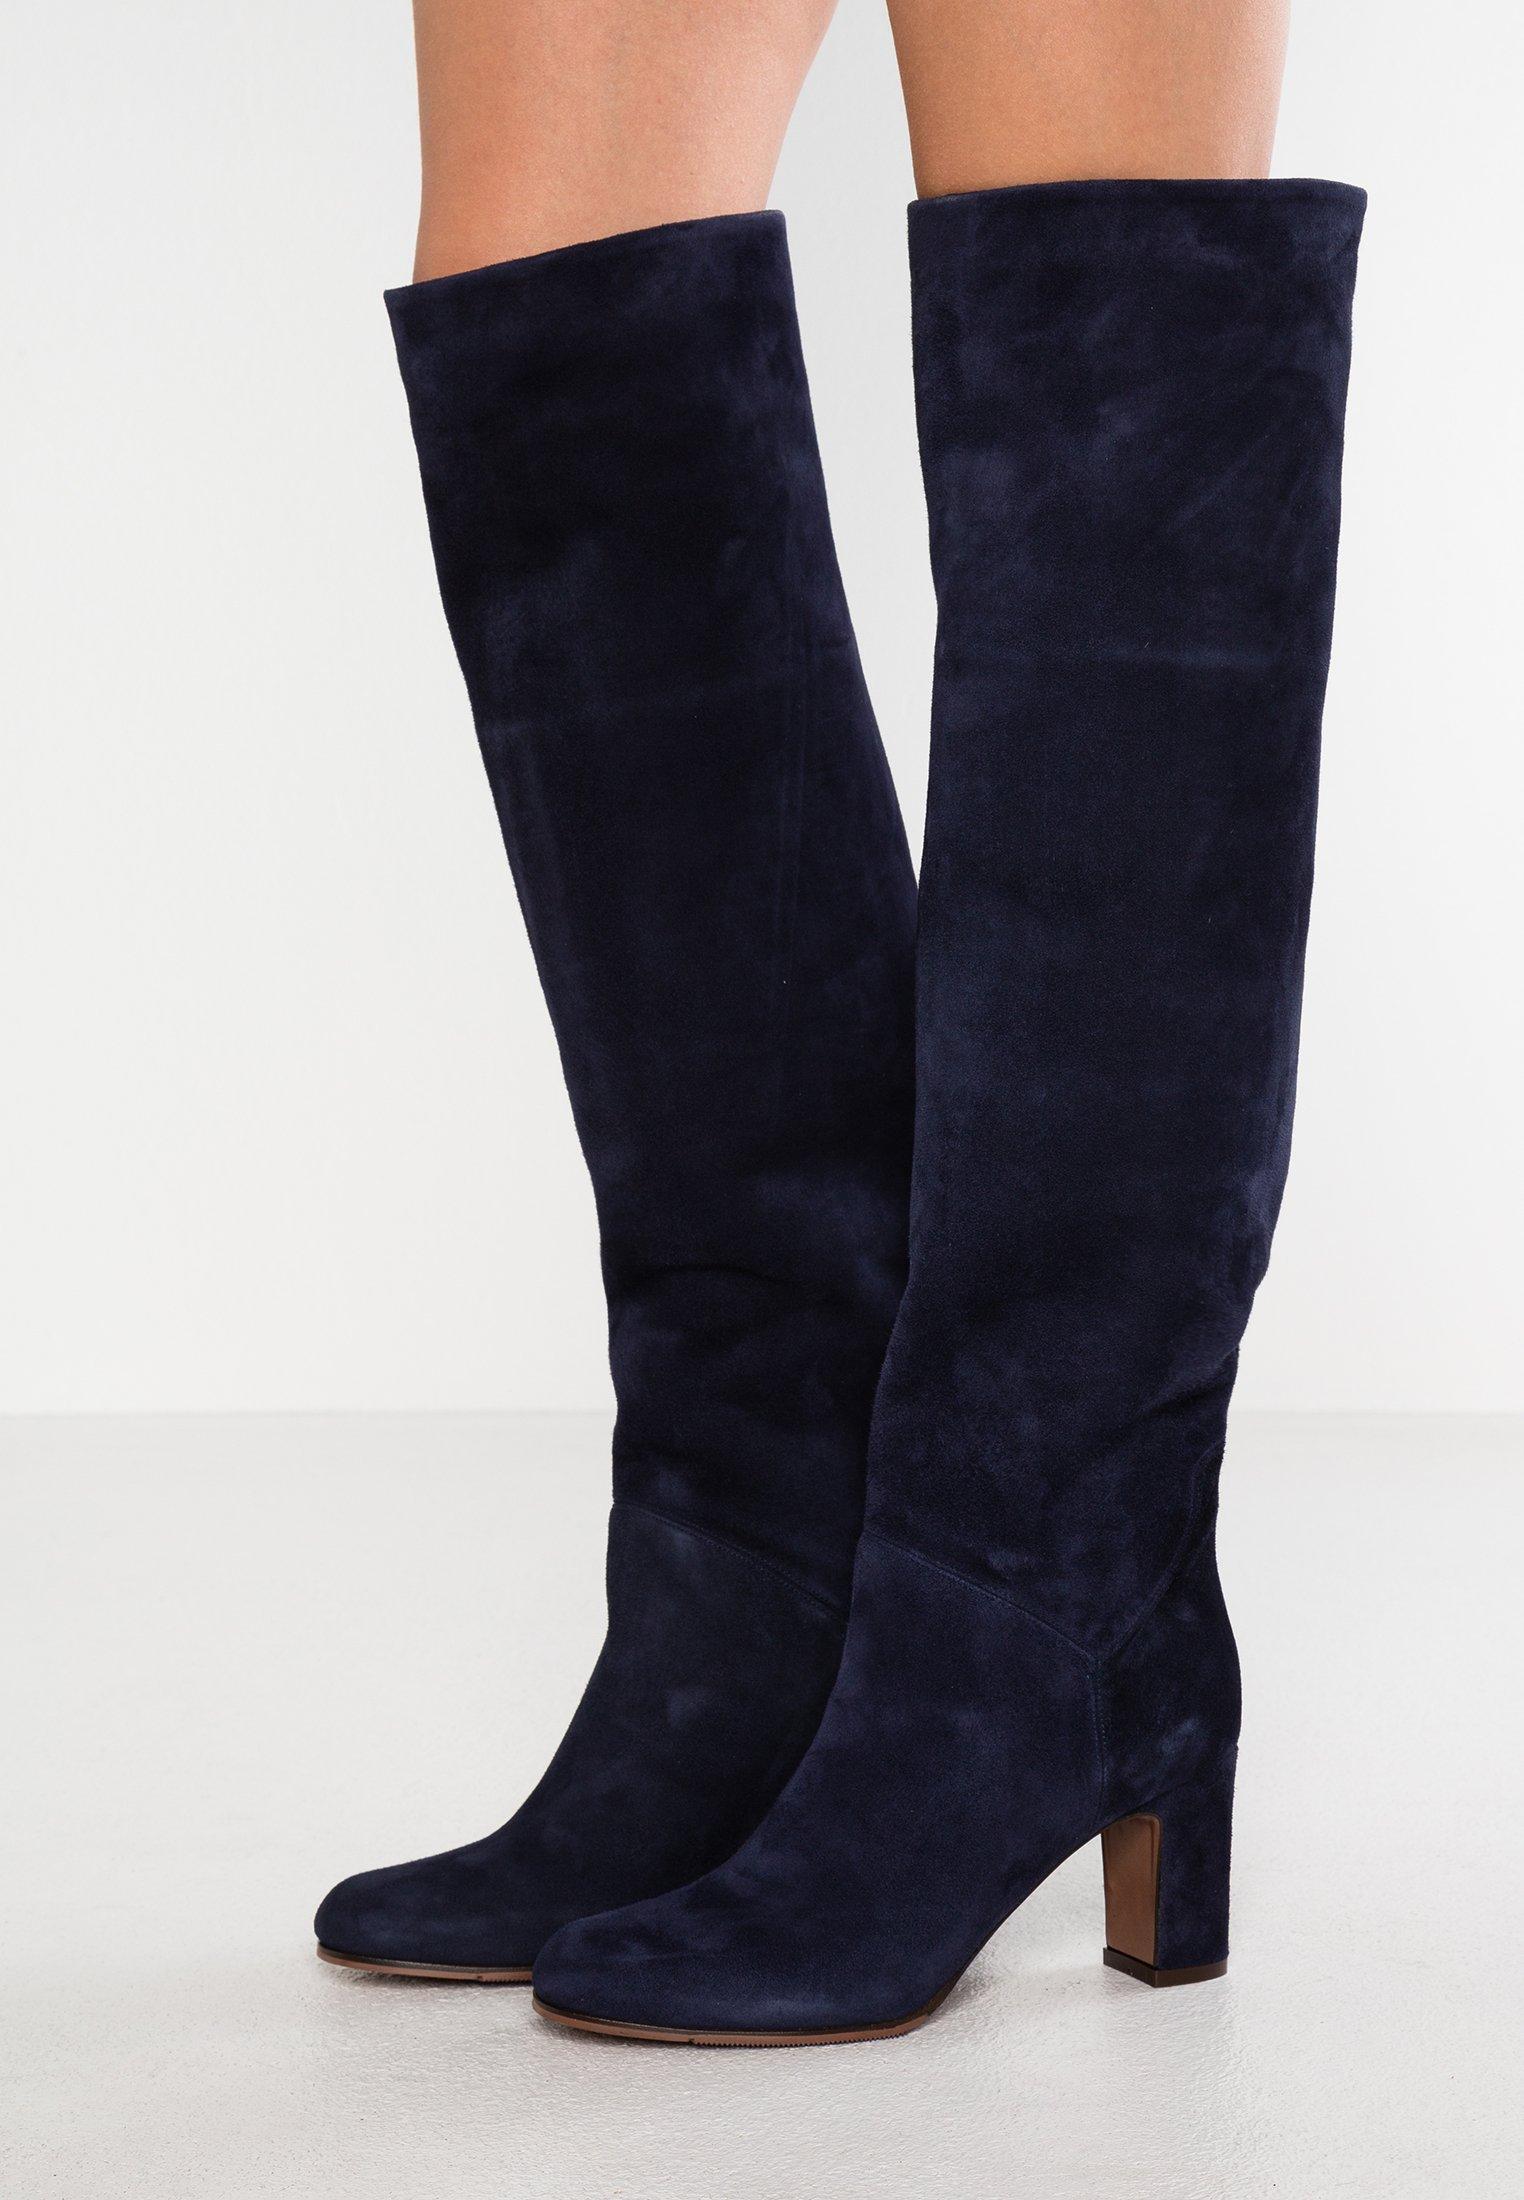 L' Autre Chose Stivali alti neri con dettaglio bianco